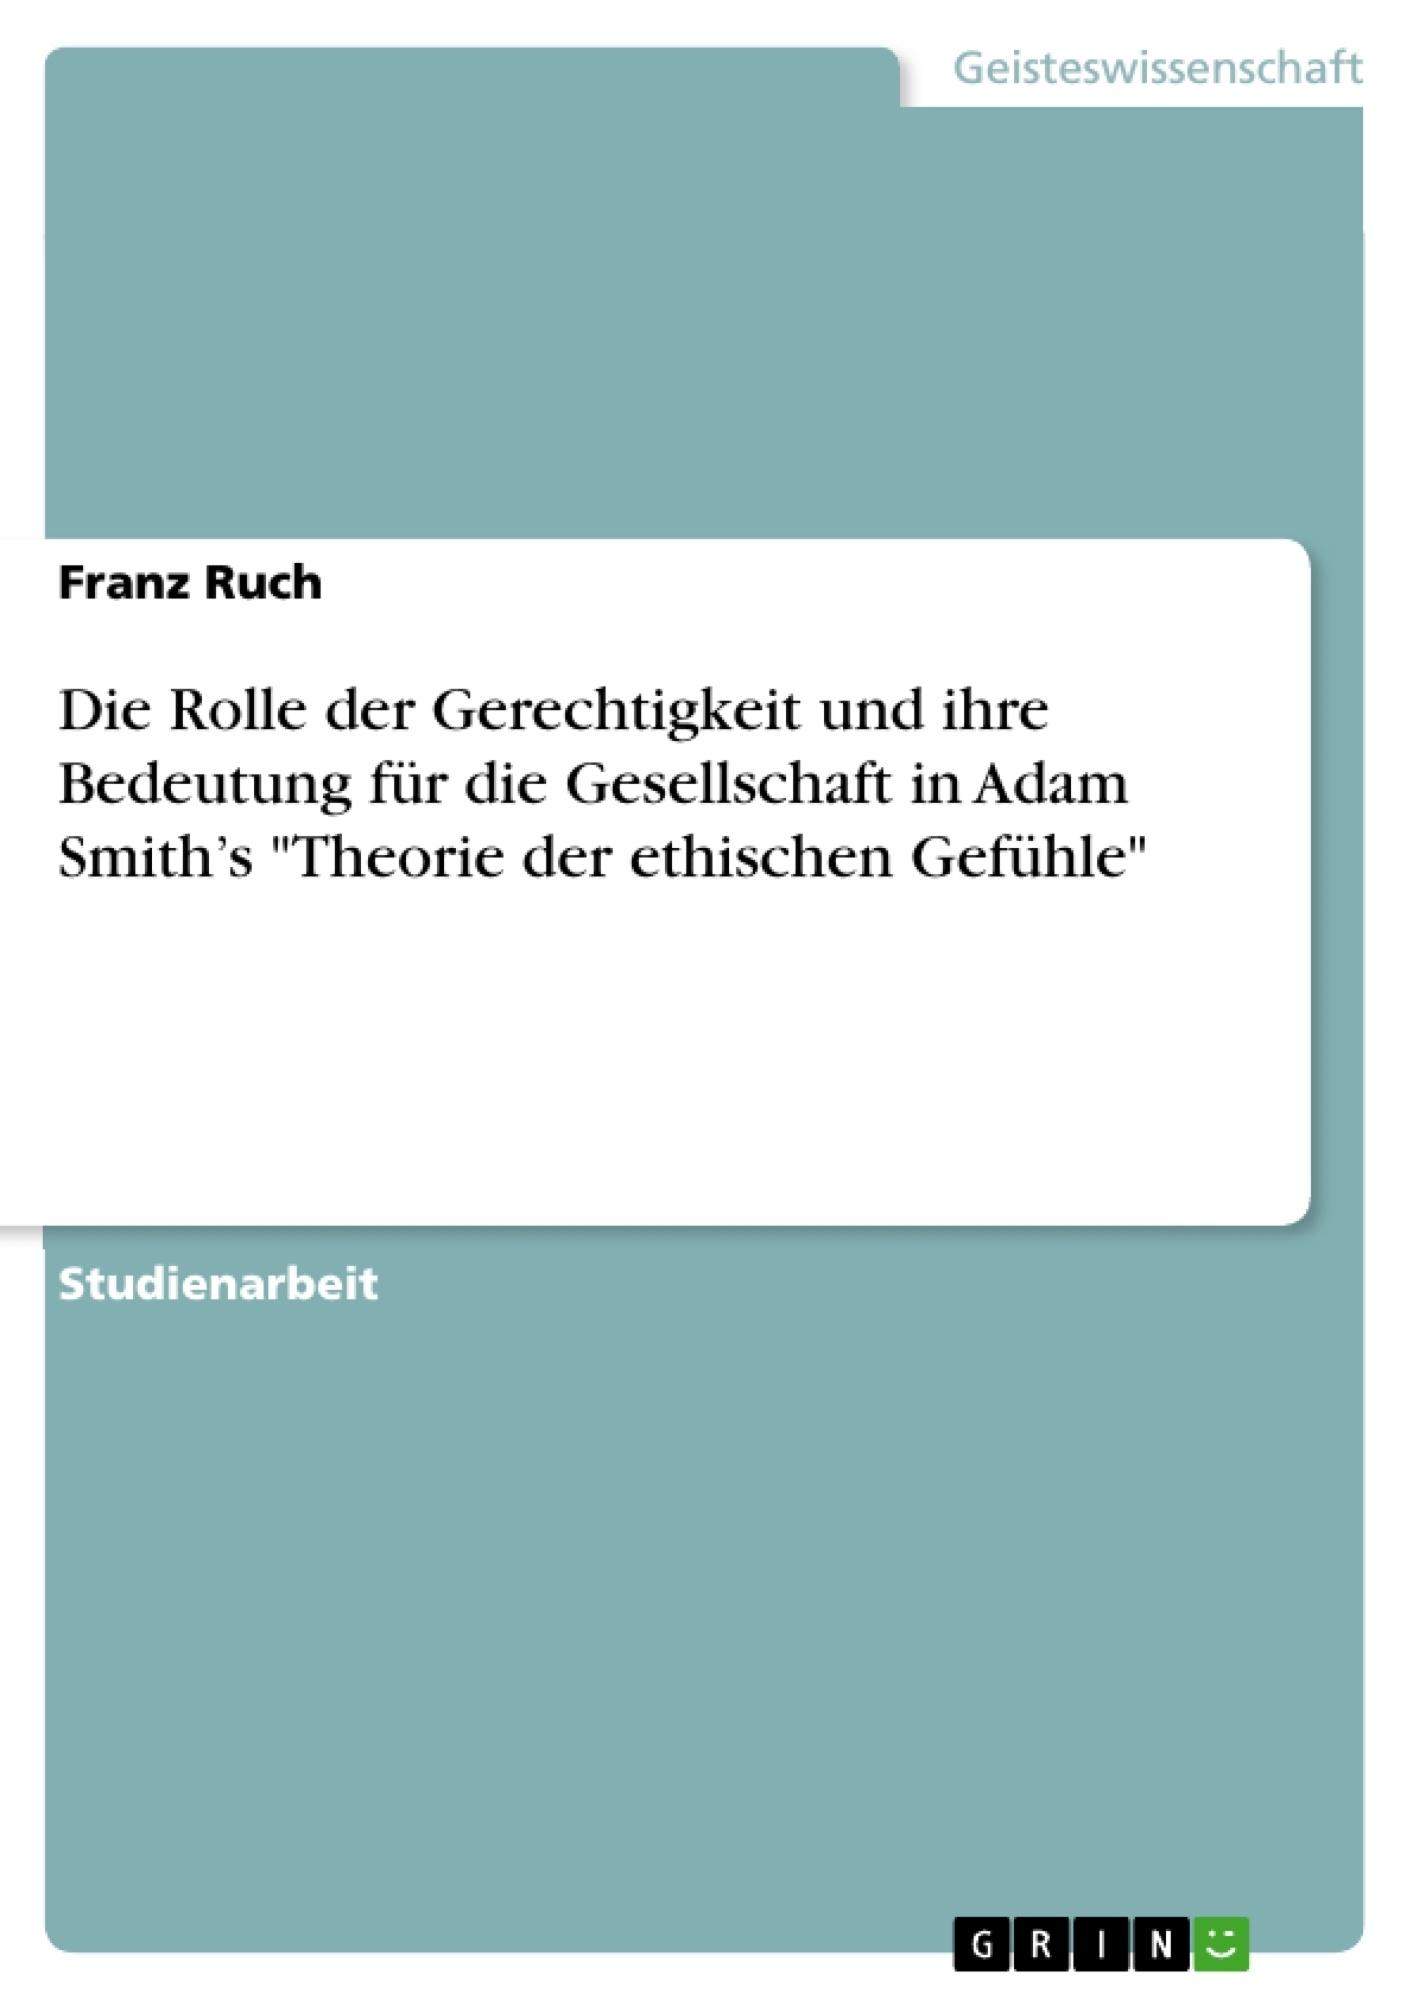 """Titel: Die Rolle der Gerechtigkeit und ihre Bedeutung für die Gesellschaft in Adam Smith's """"Theorie der ethischen Gefühle"""""""